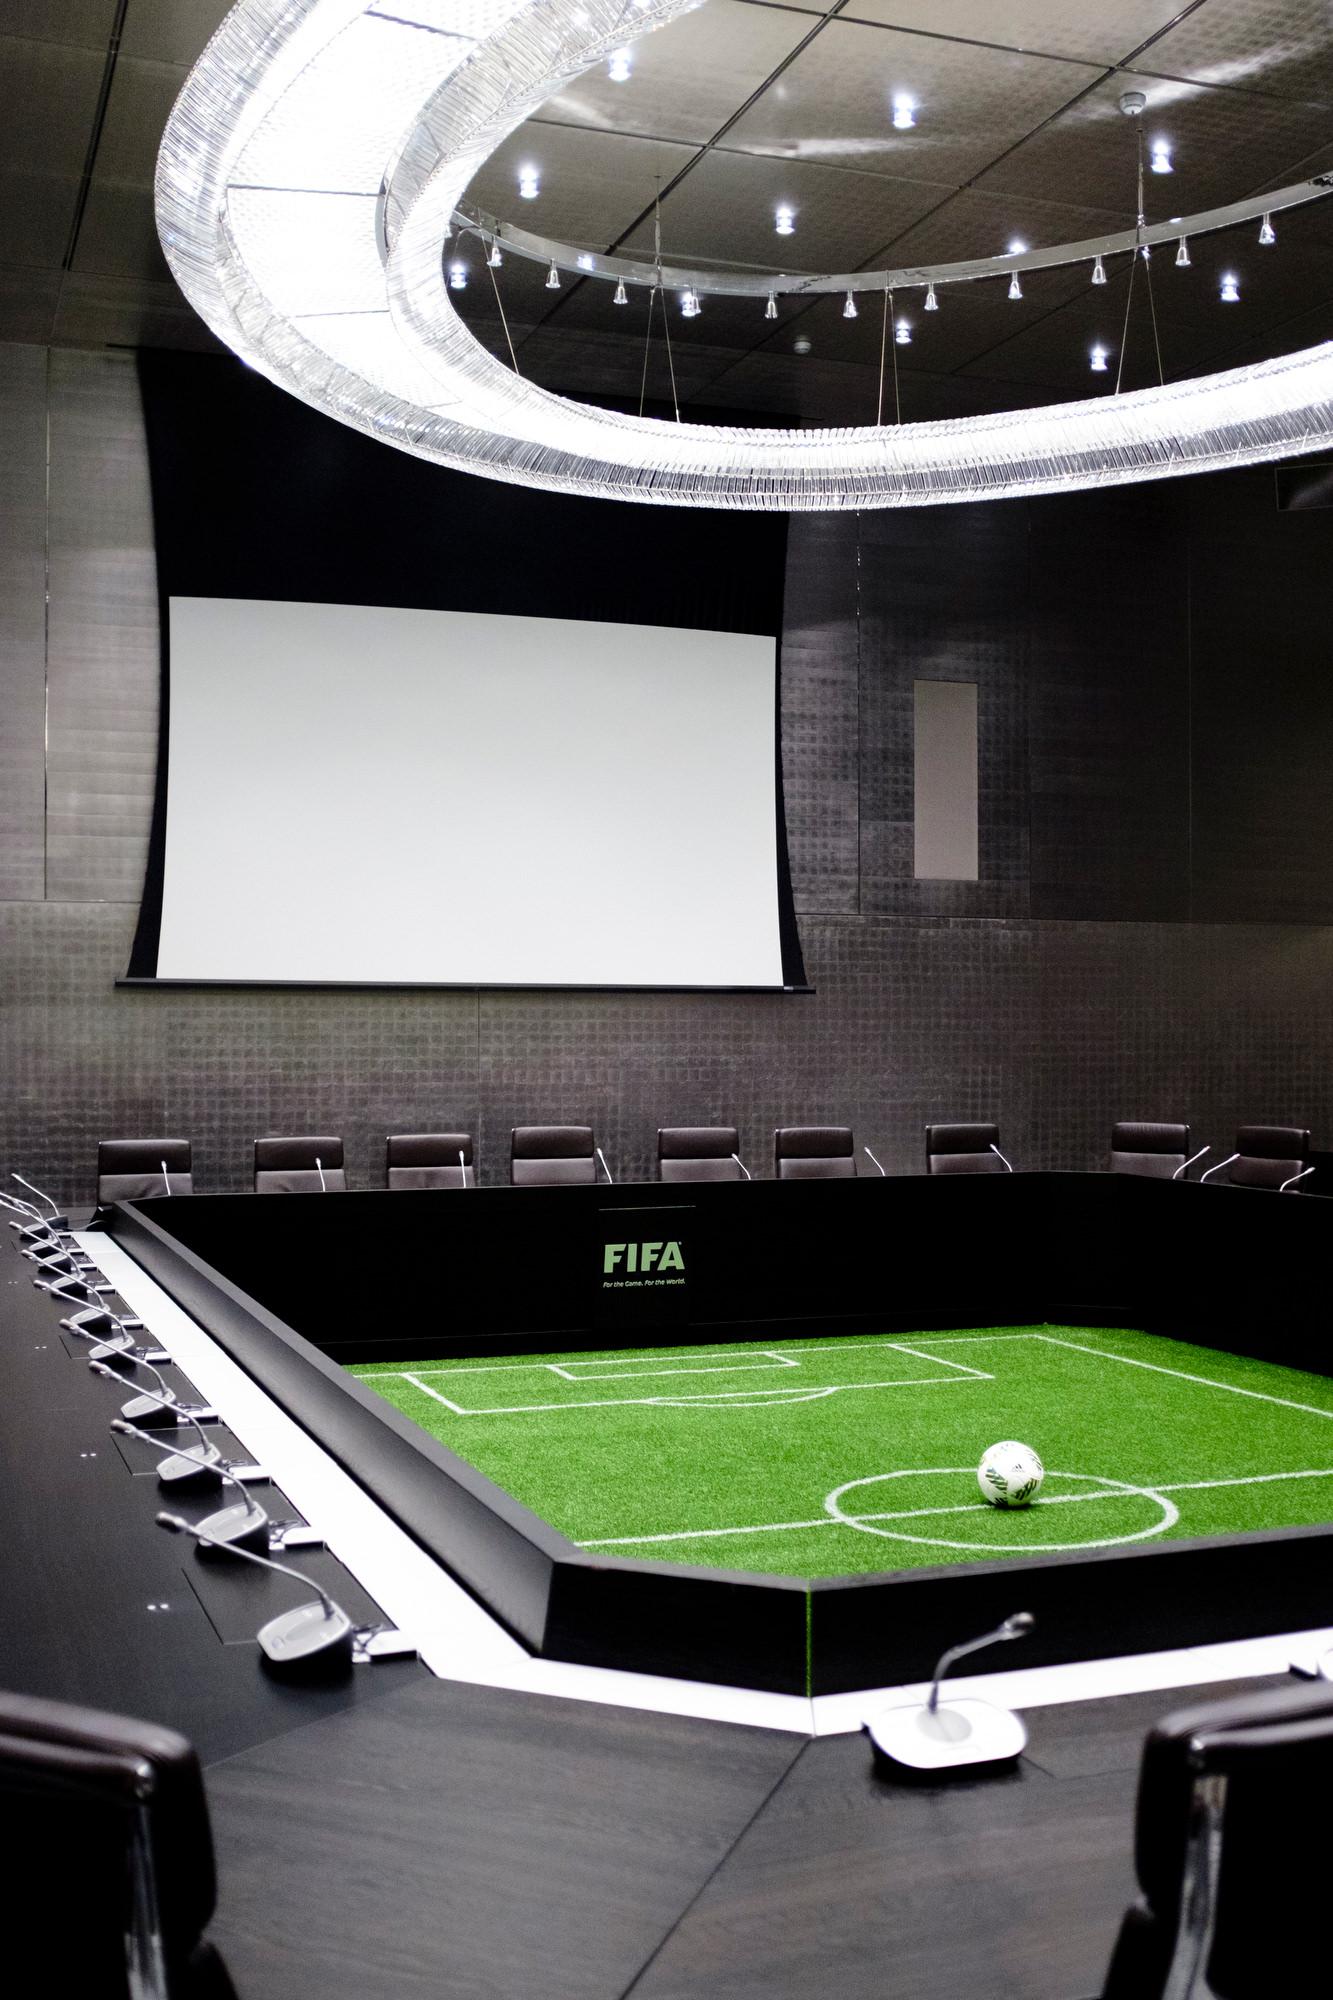 SCHWEIZ FIFA HEADQUARTER ZURICH